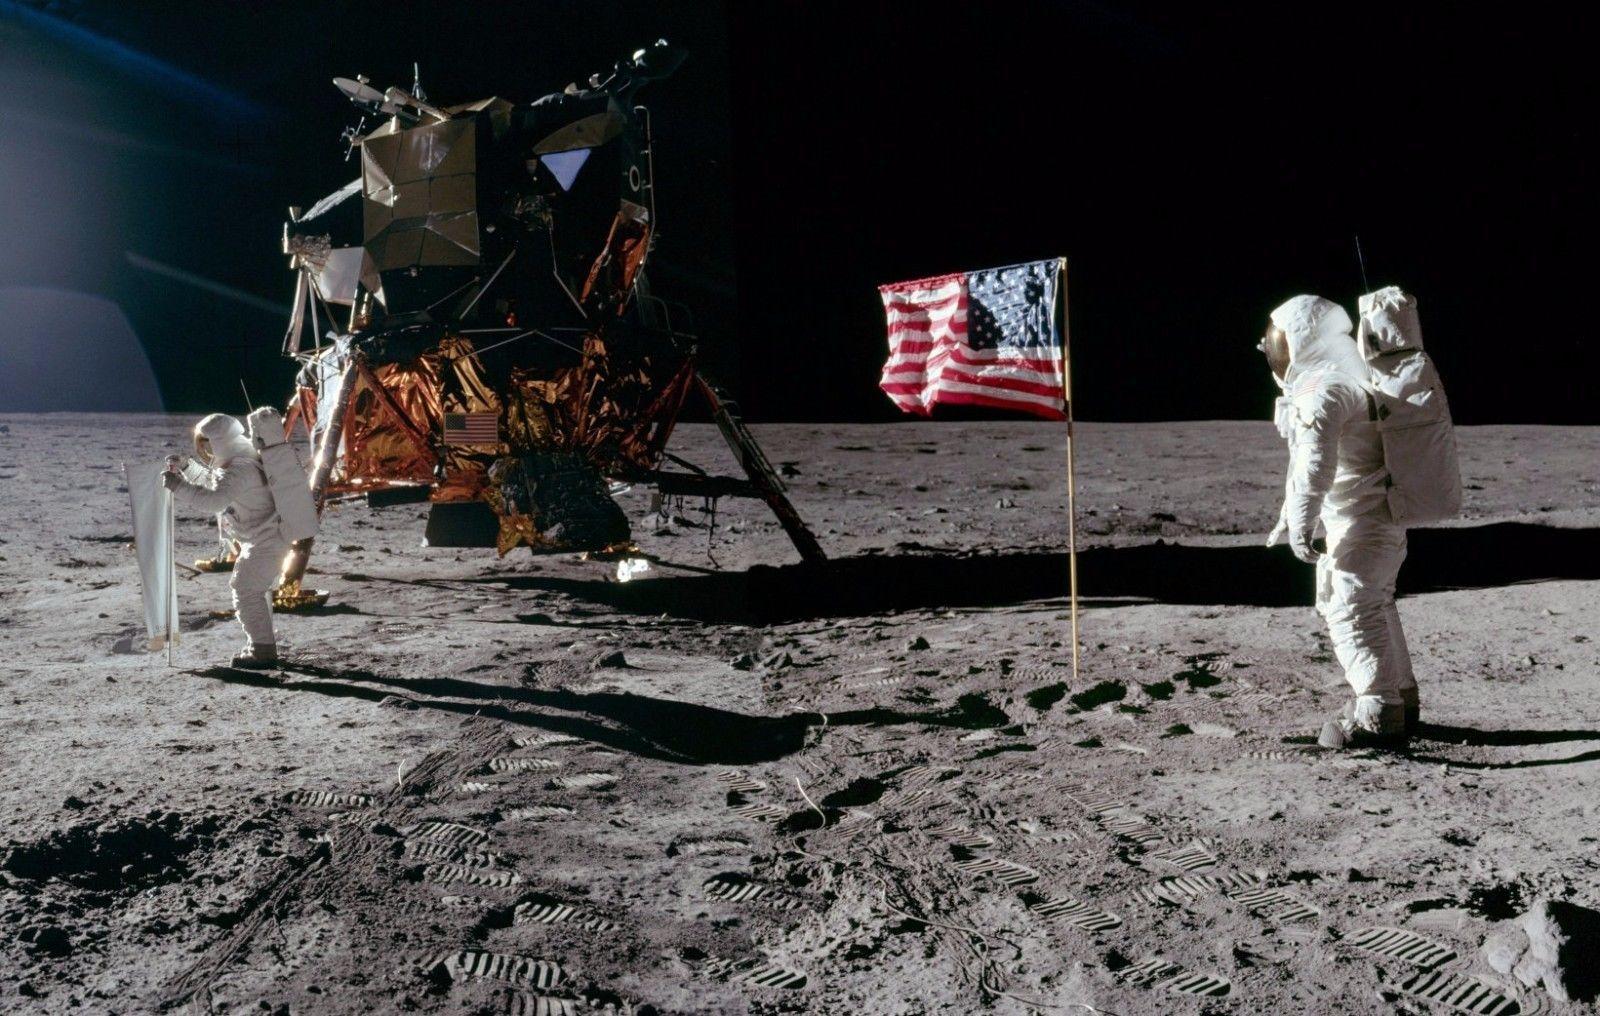 Os astronautas Neil Armstrong e Buzz Aldrin no Mar da Tranquilidade em 1969. Foto: NASA.